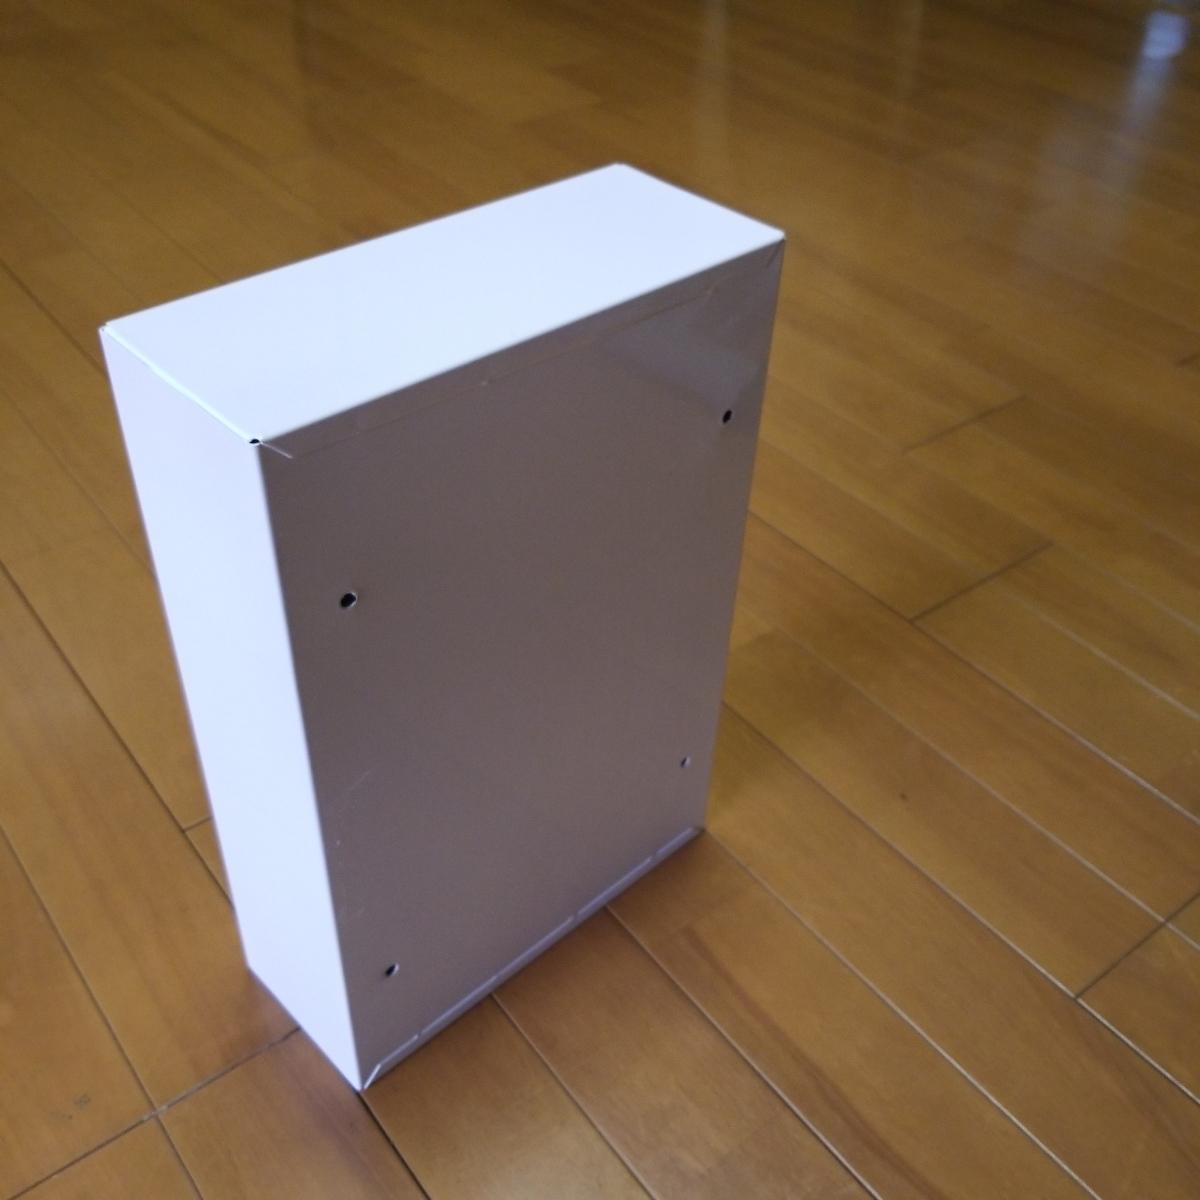 Jssmst メールboxポスト 郵便受け ダイヤル式 暗証番号 金属製 Mail-06 ホワイト_画像3